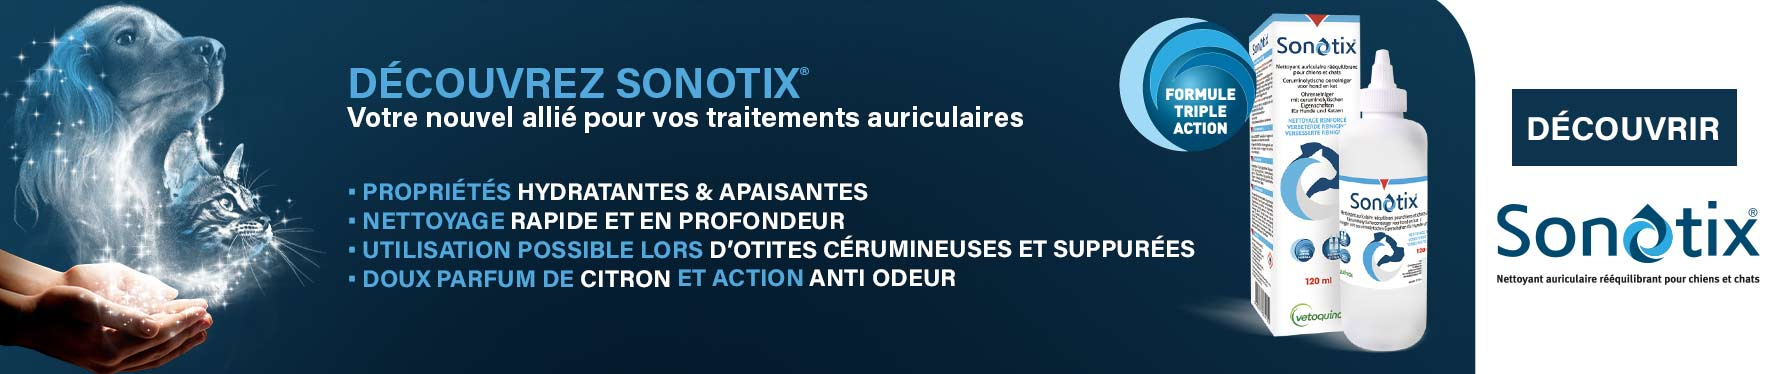 Découvrez la lotion auriculaire Sonotix